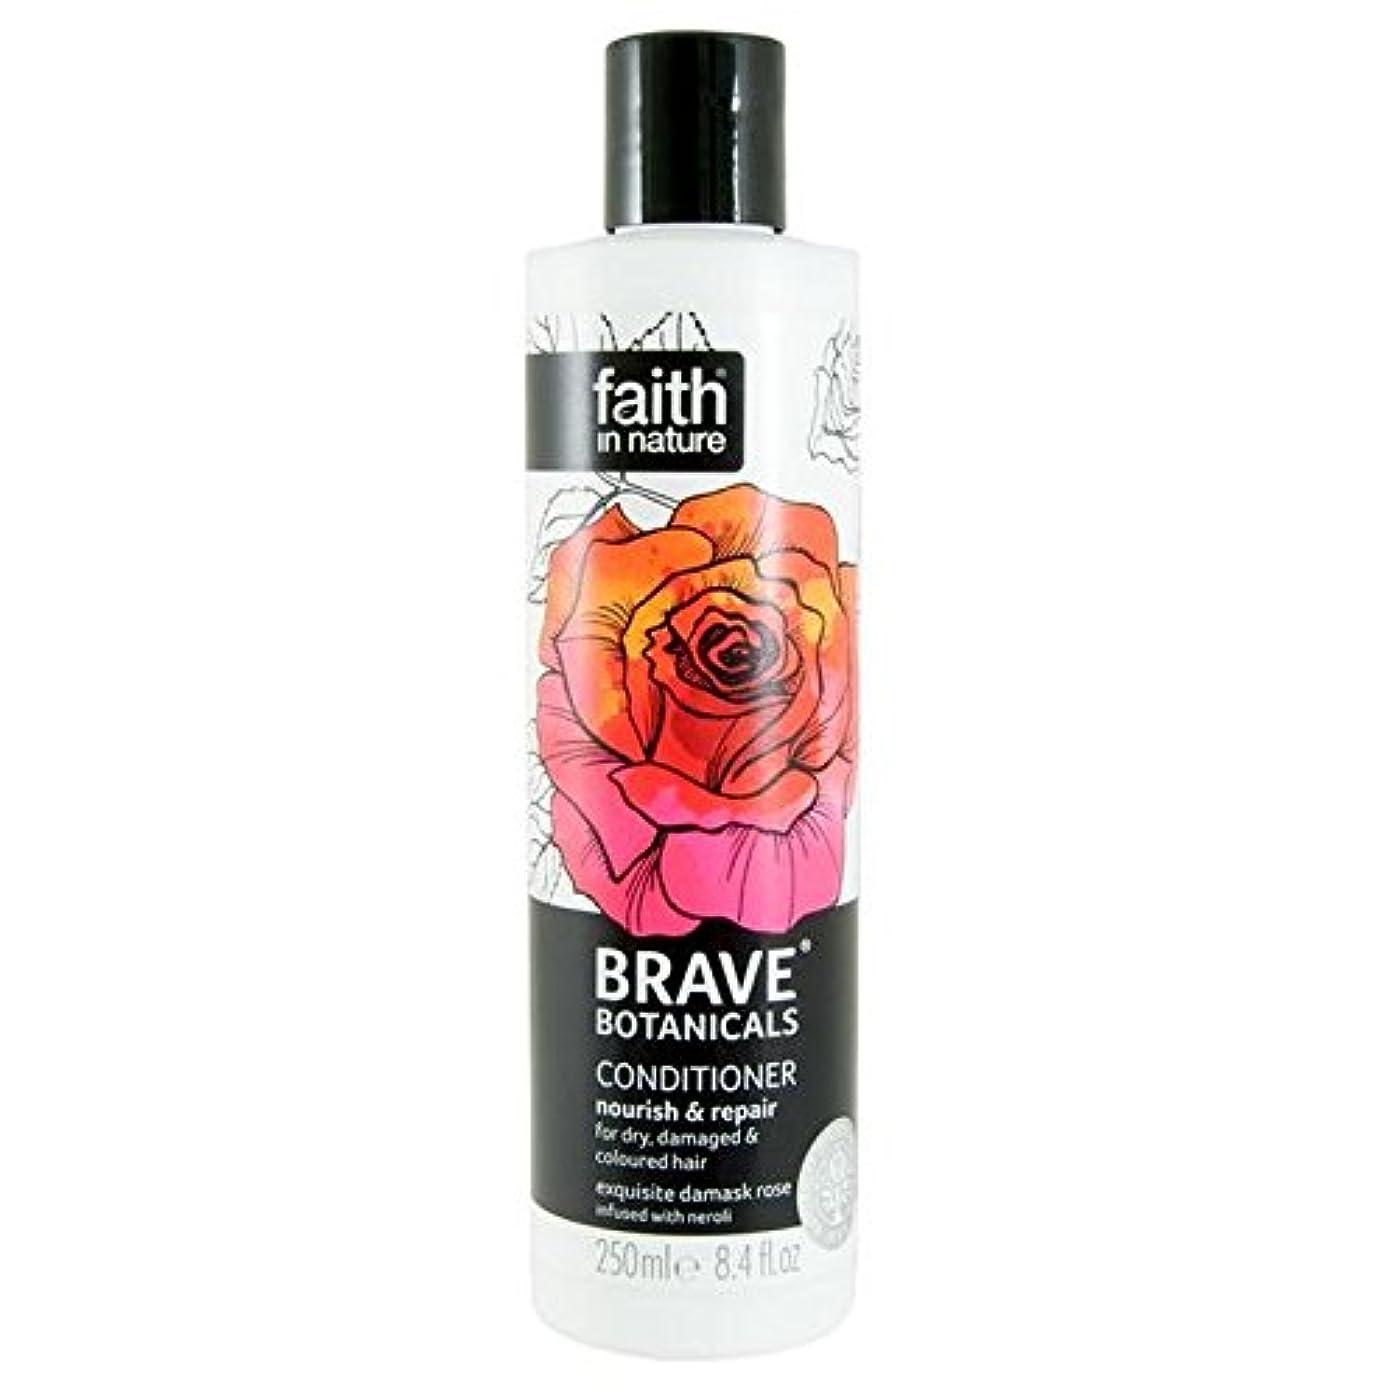 概要ジャンプする不機嫌そうなBrave Botanicals Rose & Neroli Nourish & Repair Conditioner 250ml (Pack of 2) - (Faith In Nature) 勇敢な植物は、ローズ&ネロリ...